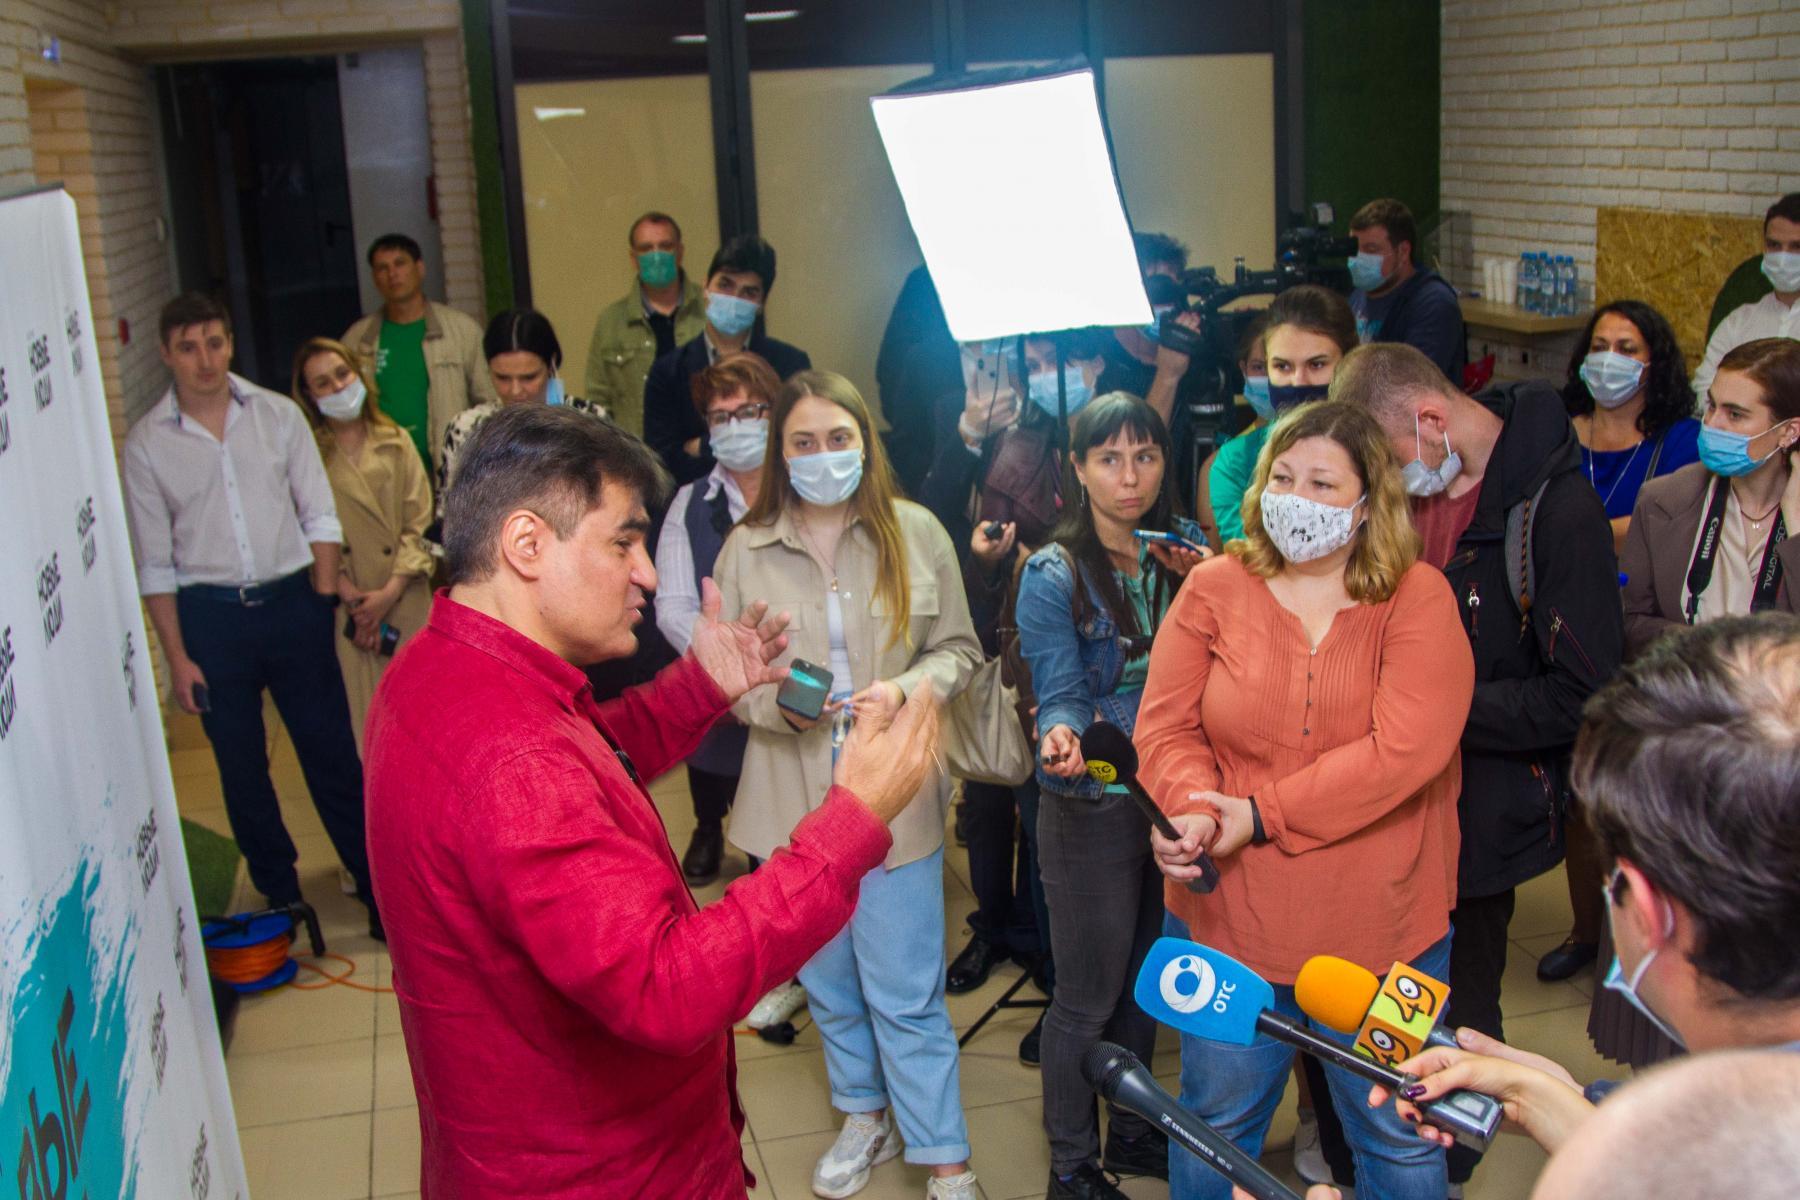 фото С фуршетом и без социальной дистанции: политическая партия устроила большую пресс-конференцию во время пандемии в Новосибирске 4